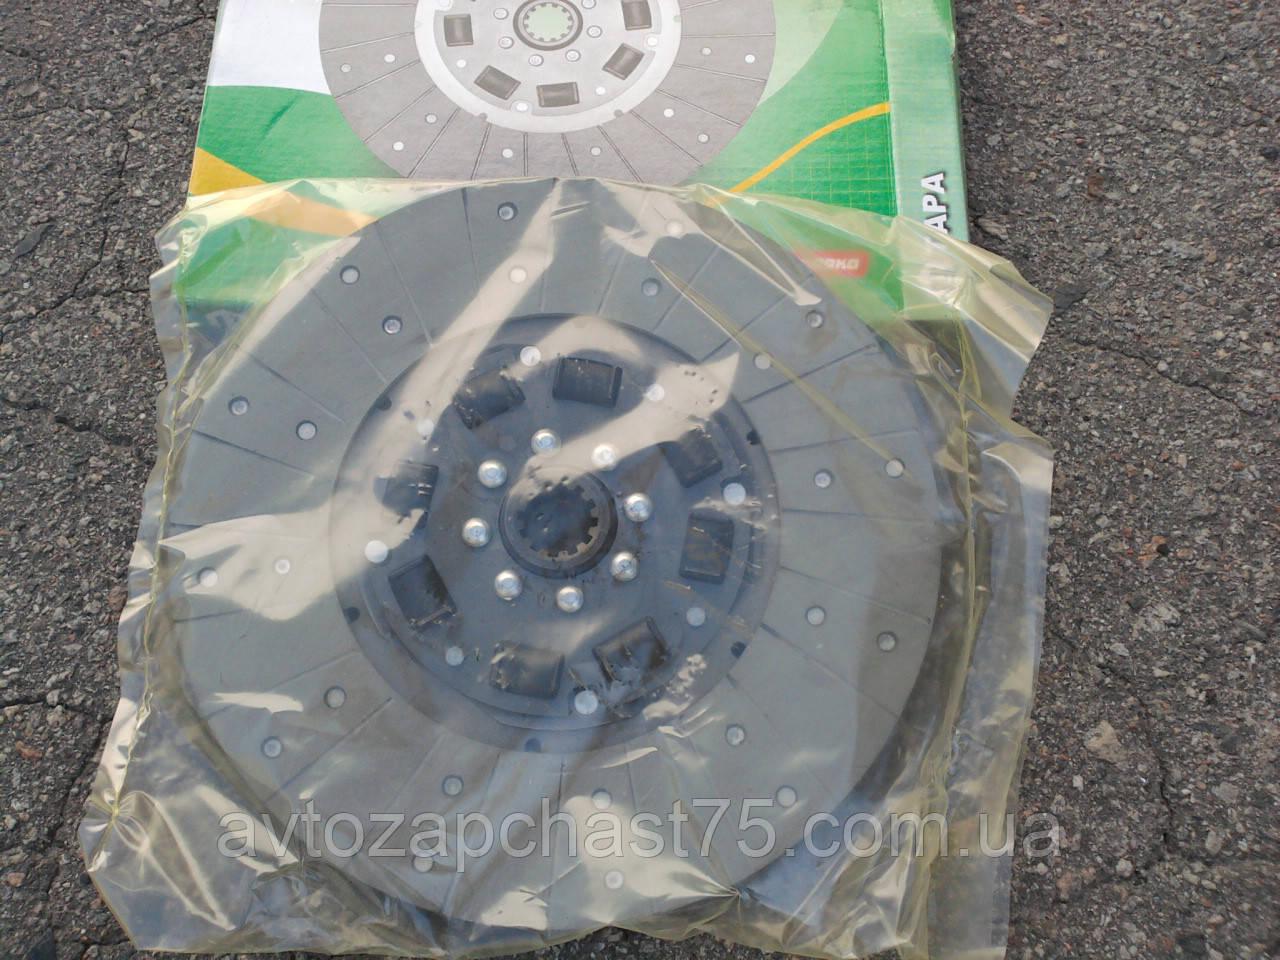 Диск сцепления МТЗ 80, 82, усиленный на пружинках (производитель Тара, Украина)